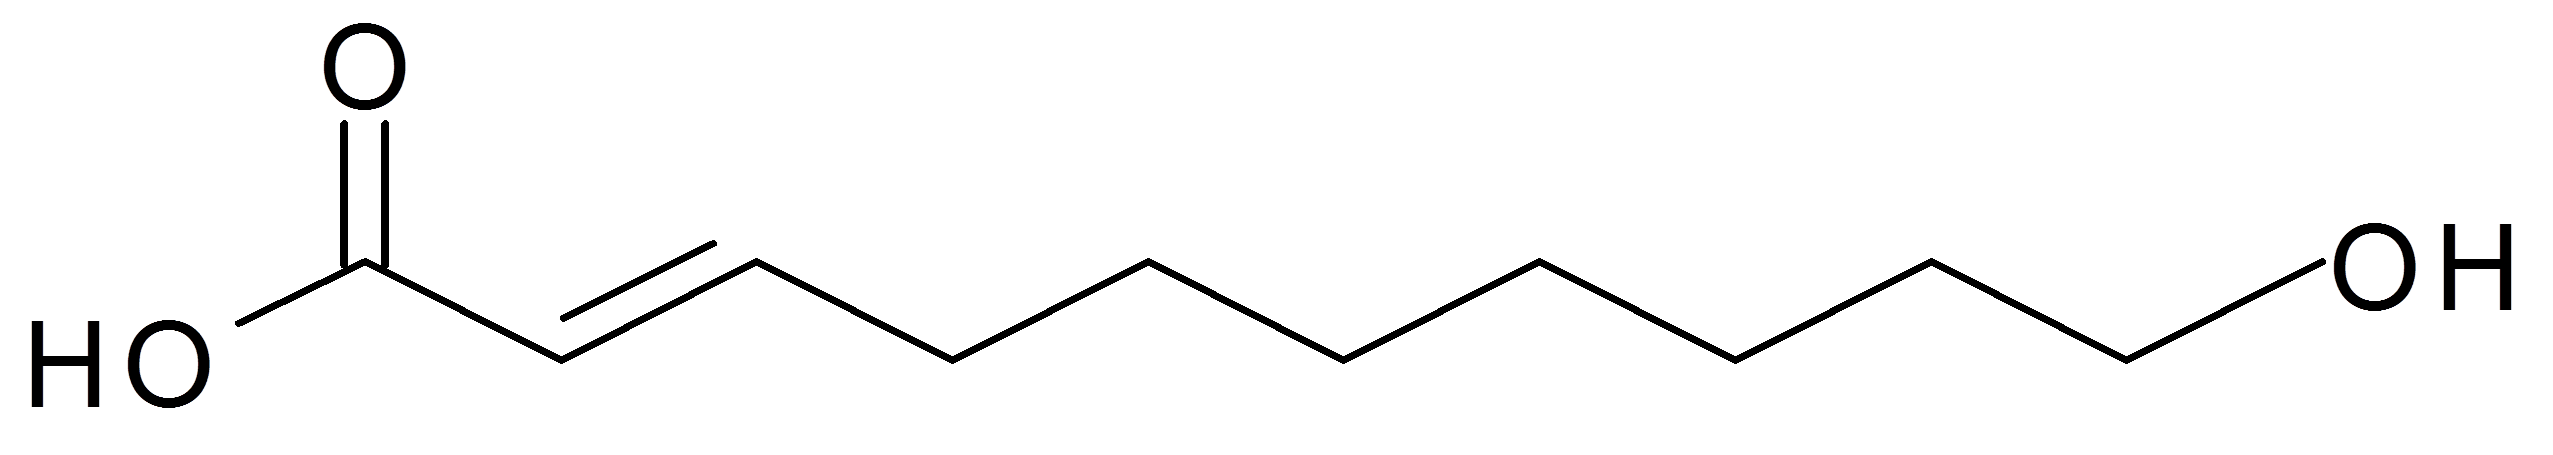 Αμινοξέα που χρονολογούνται